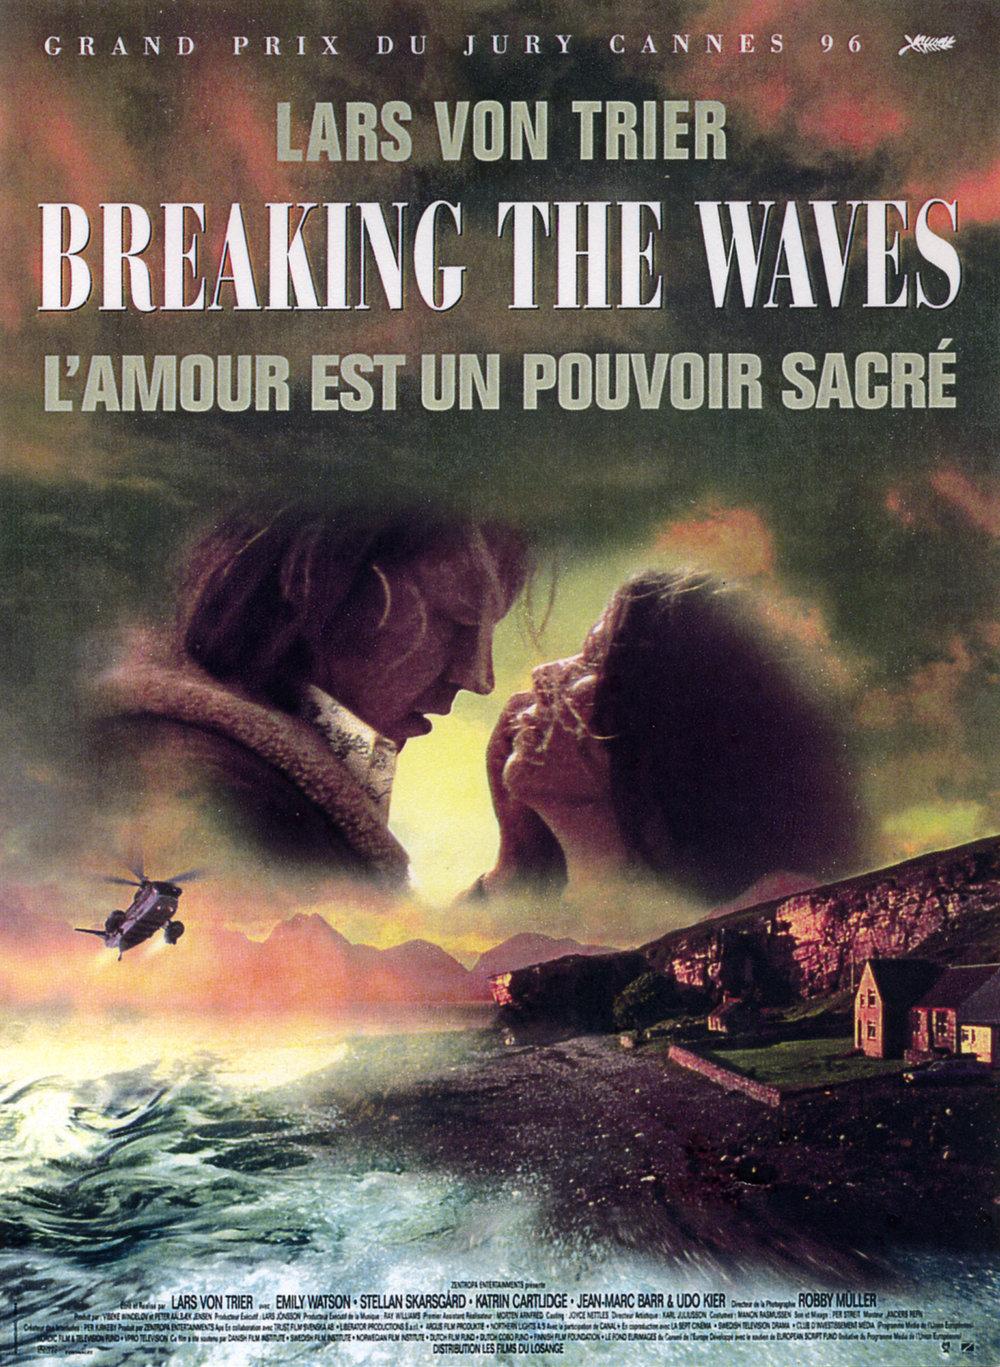 Breaking the waves FR.jpg